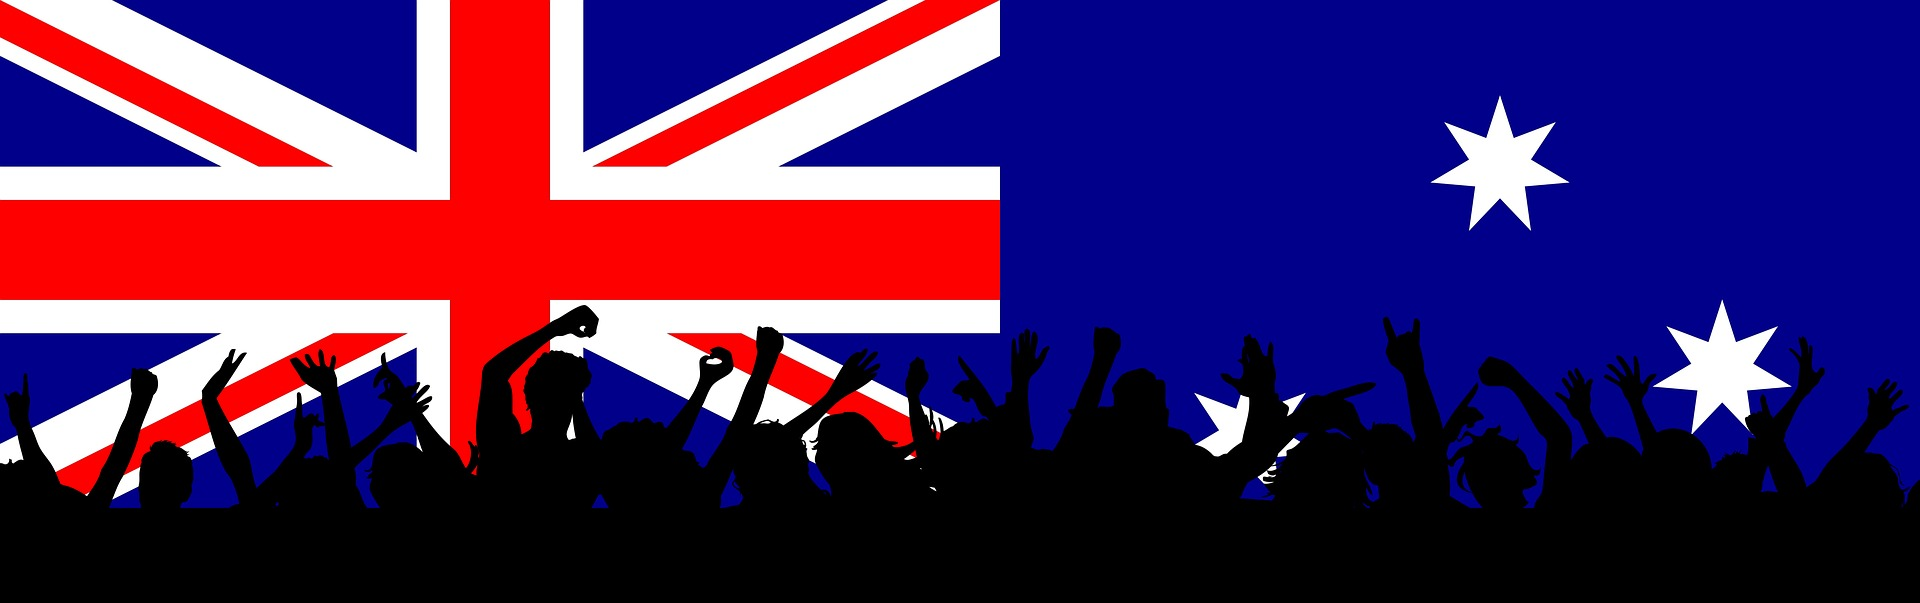 australia 1644806 1920